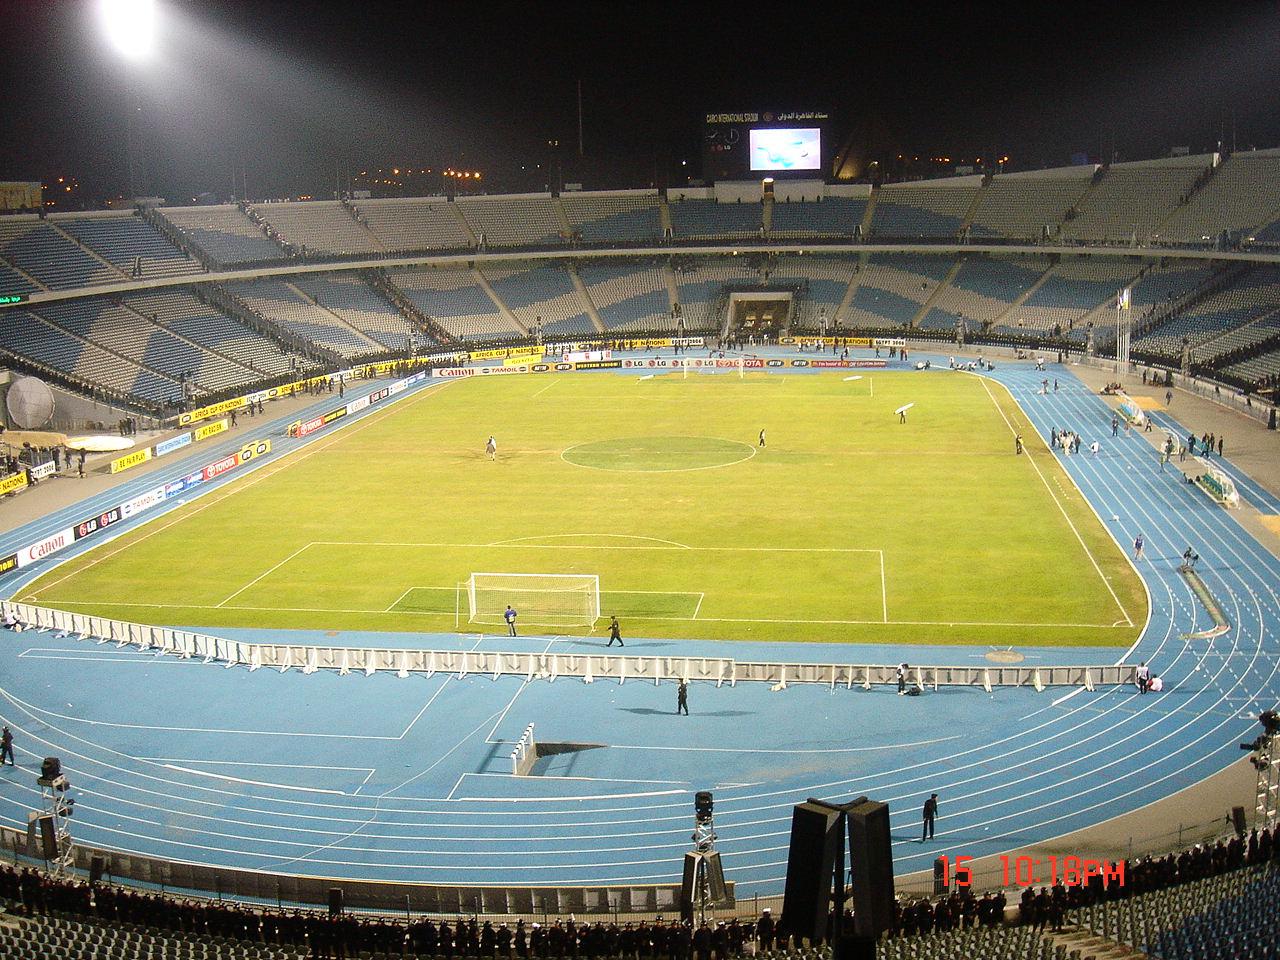 Utomeuropeiska fotbollsklubbar med många fans – Zamalek SC